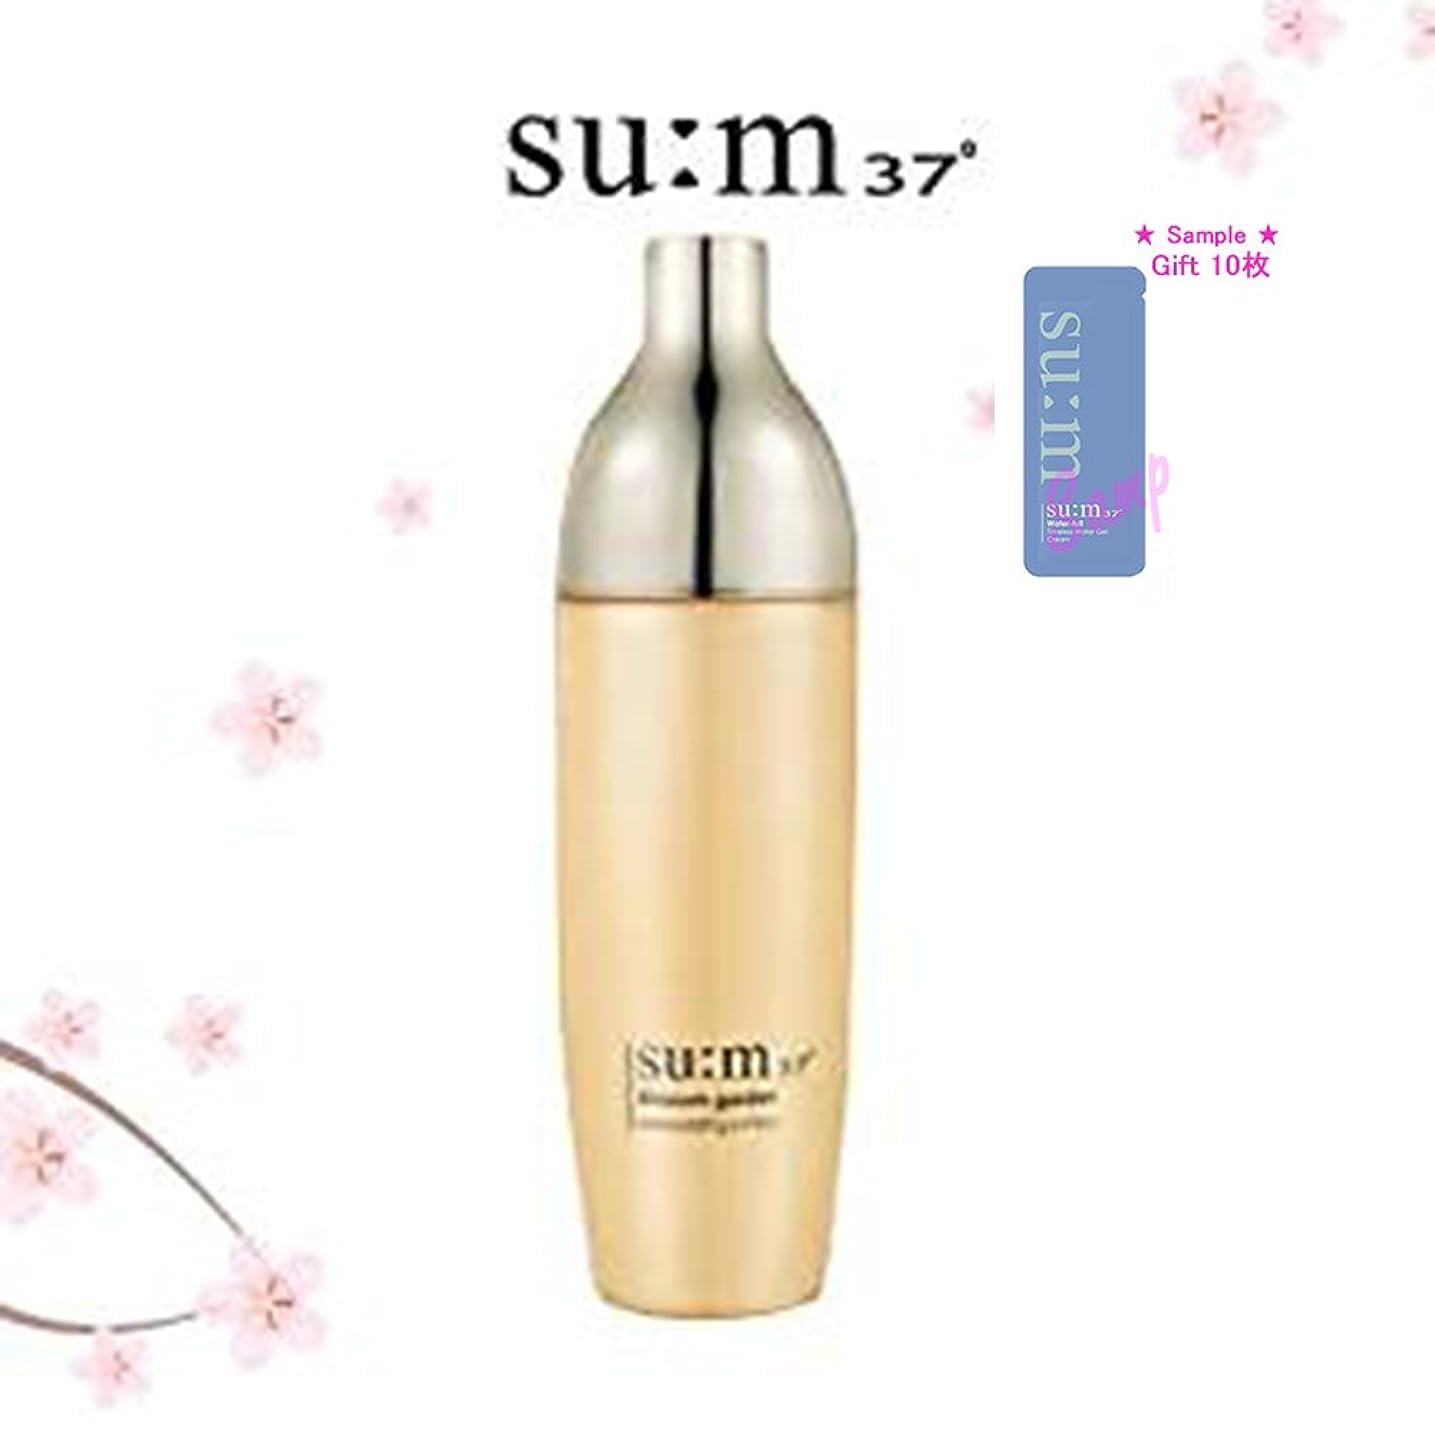 ベット恐ろしいですインタフェースsum37(スム37)ブロッサムガーデンモイスチャライジングスキン150ml(blossom garden moisturizing skin)